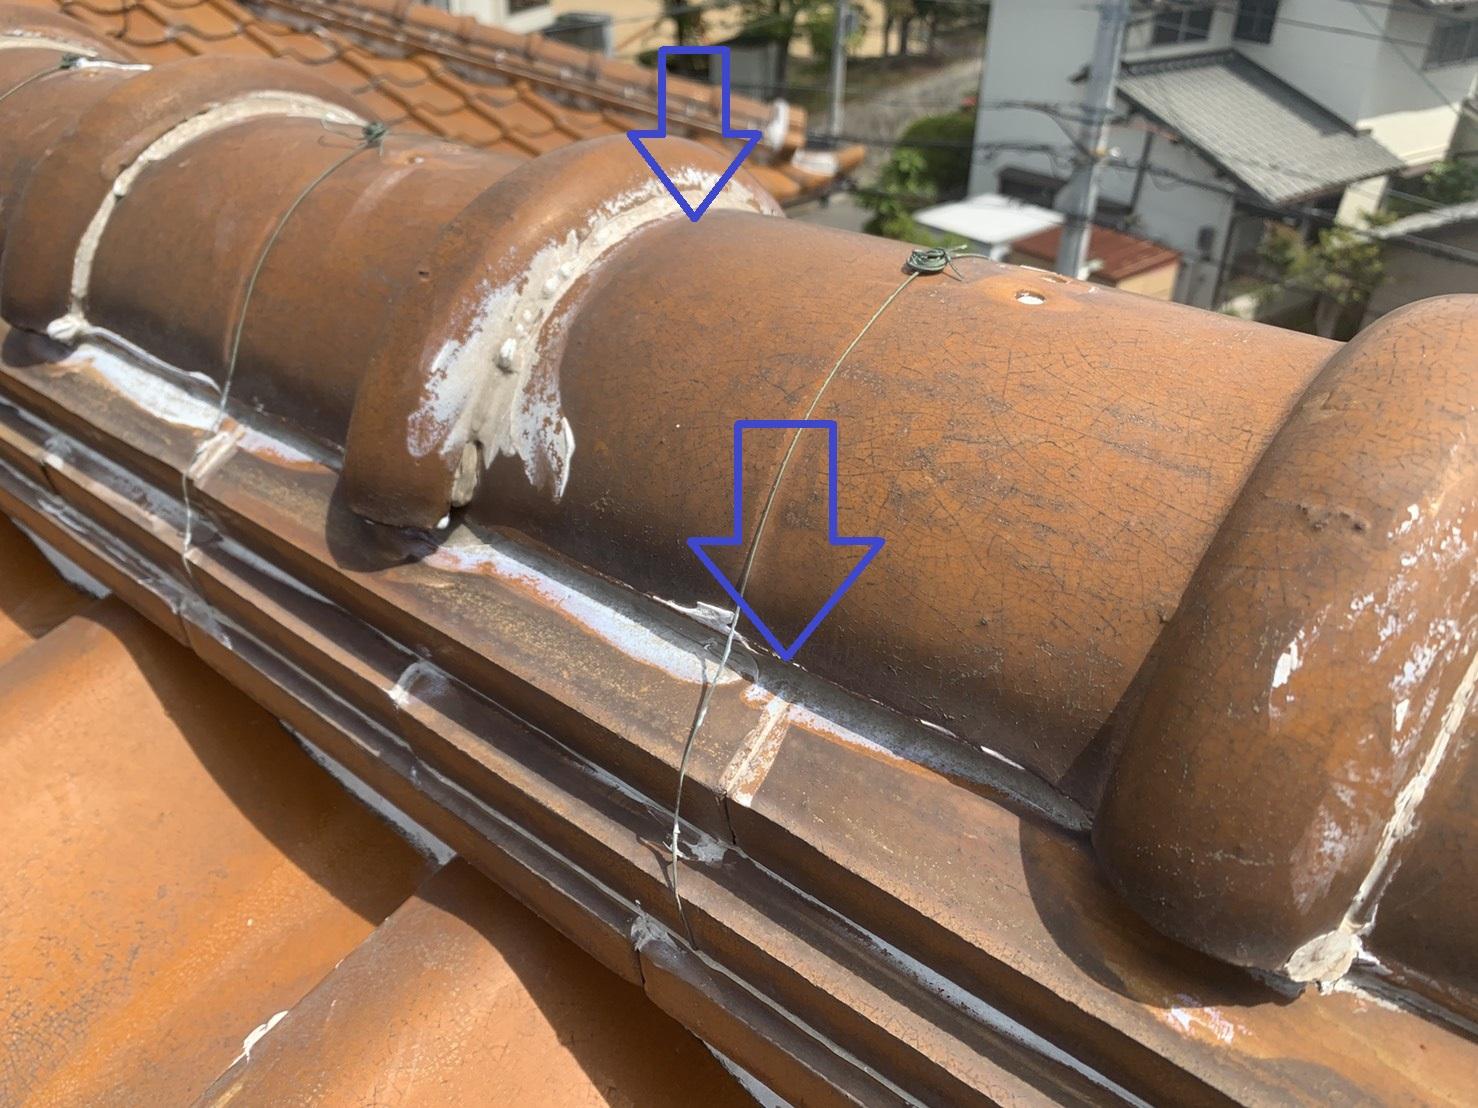 棟瓦に打っているコーキングは雨漏りの原因